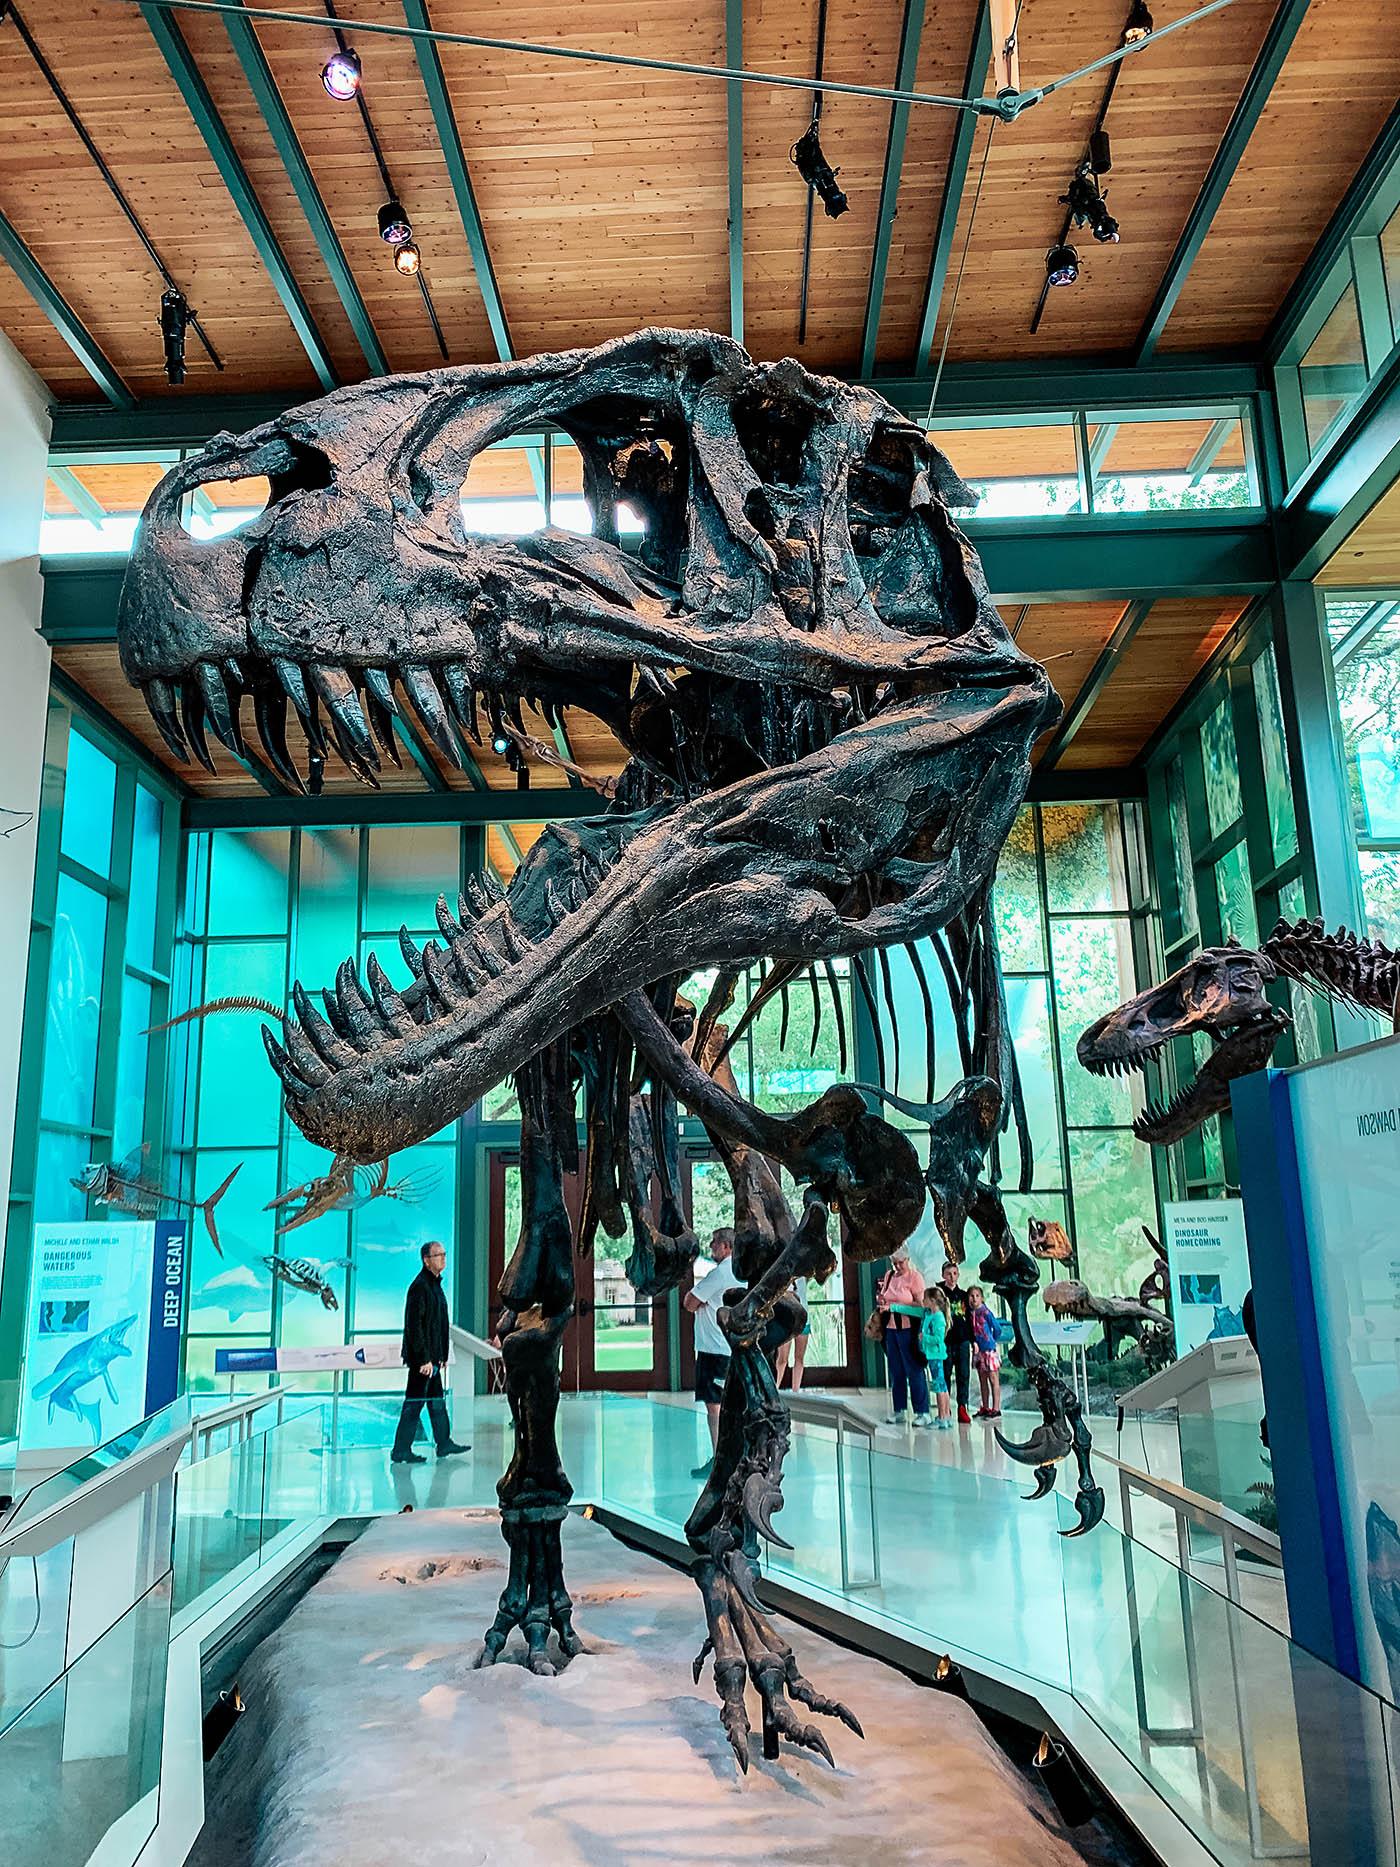 Large dinosaur skeleton